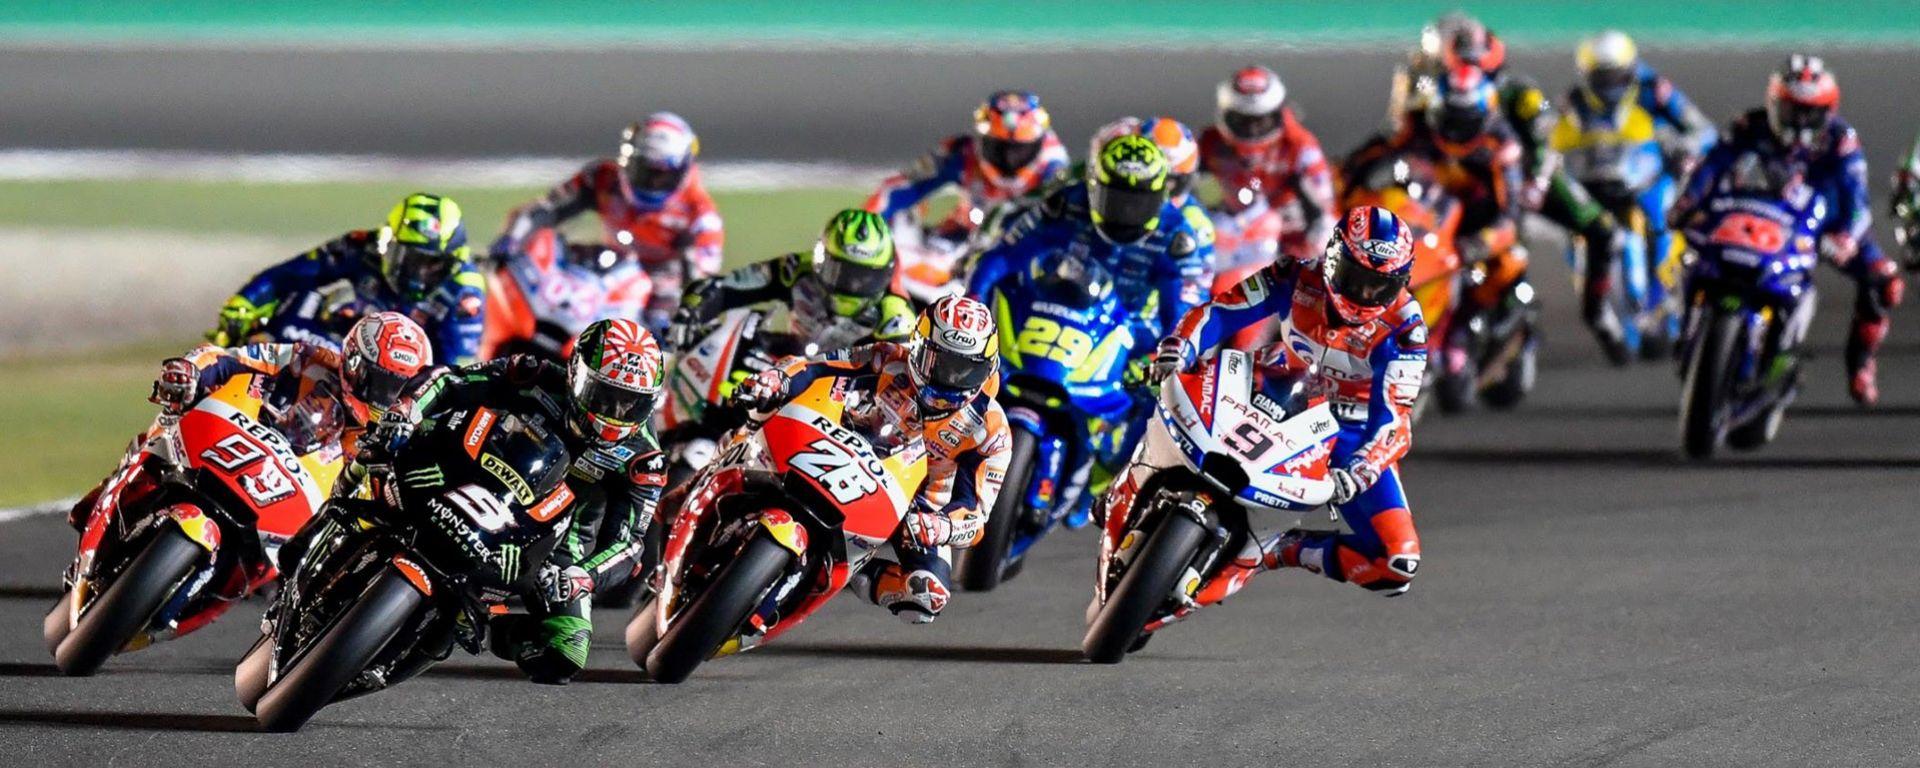 campionato piloti motogp